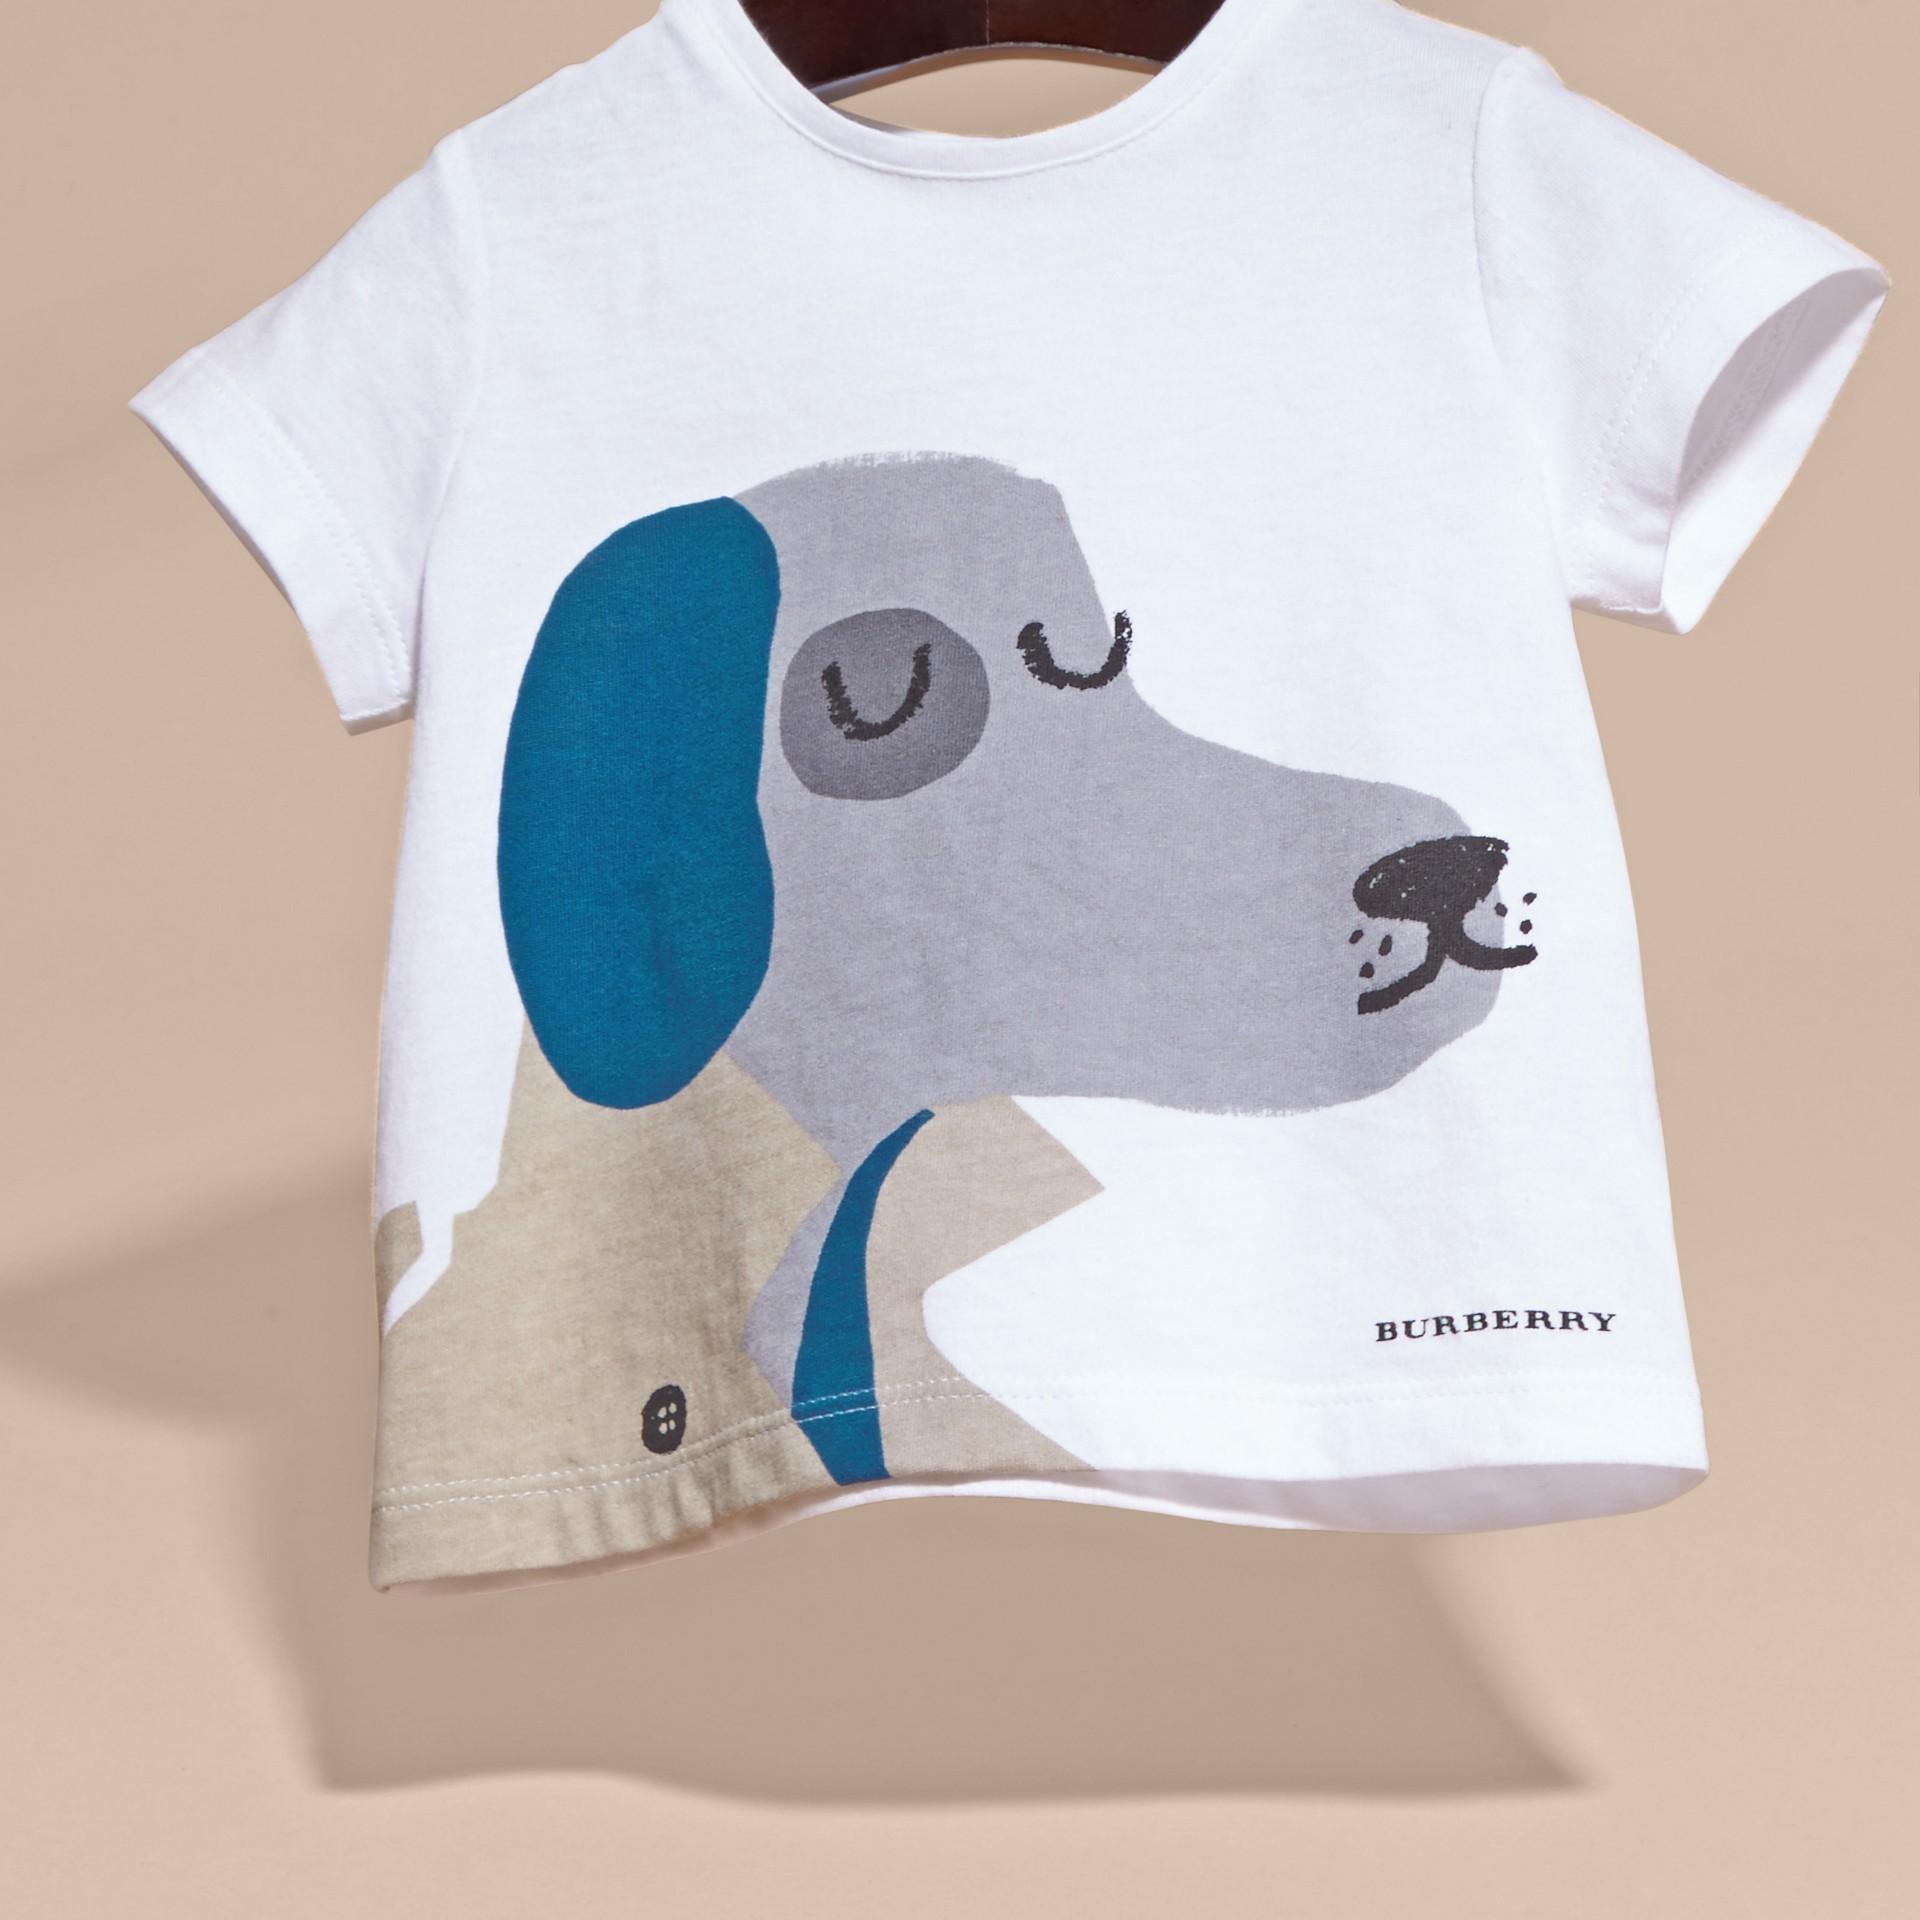 Bianco T-shirt in cotone con cane - immagine della galleria 3